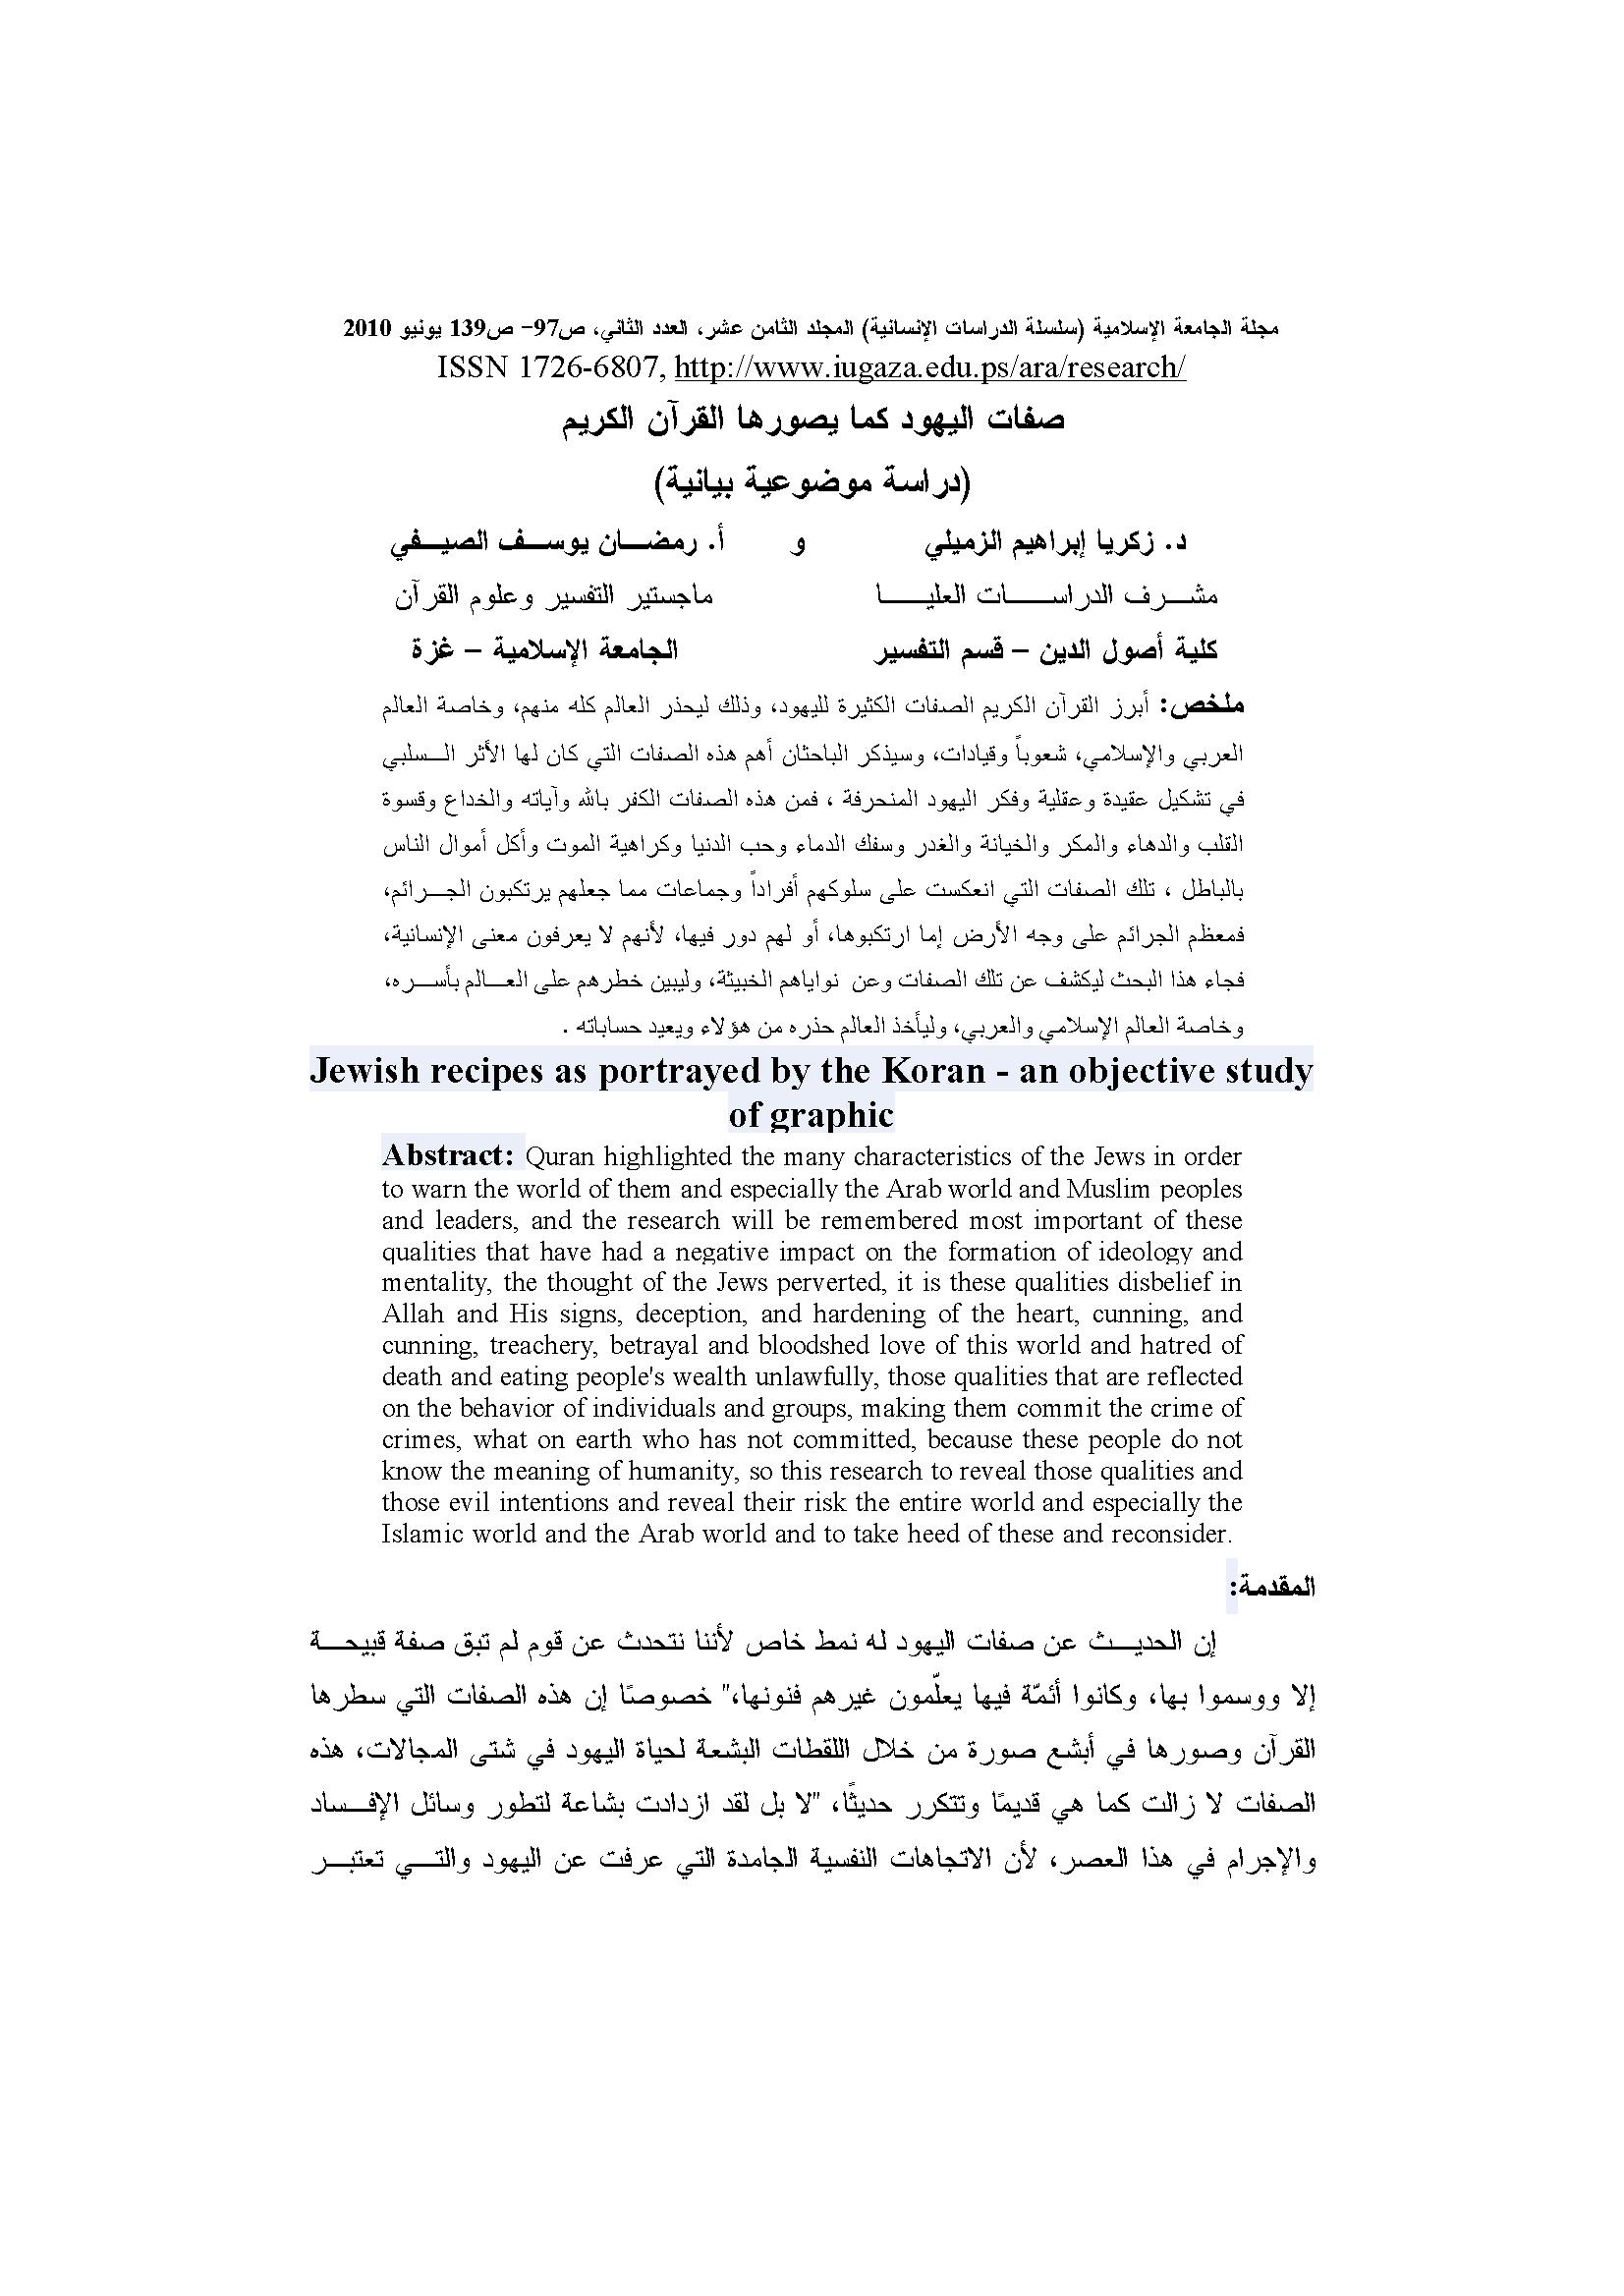 تحميل كتاب صفات اليهود كما يصورها القرآن الكريم (دراسة موضوعية بيانية) لـِ: الدكتور زكريا إبراهيم صالح الزميلي